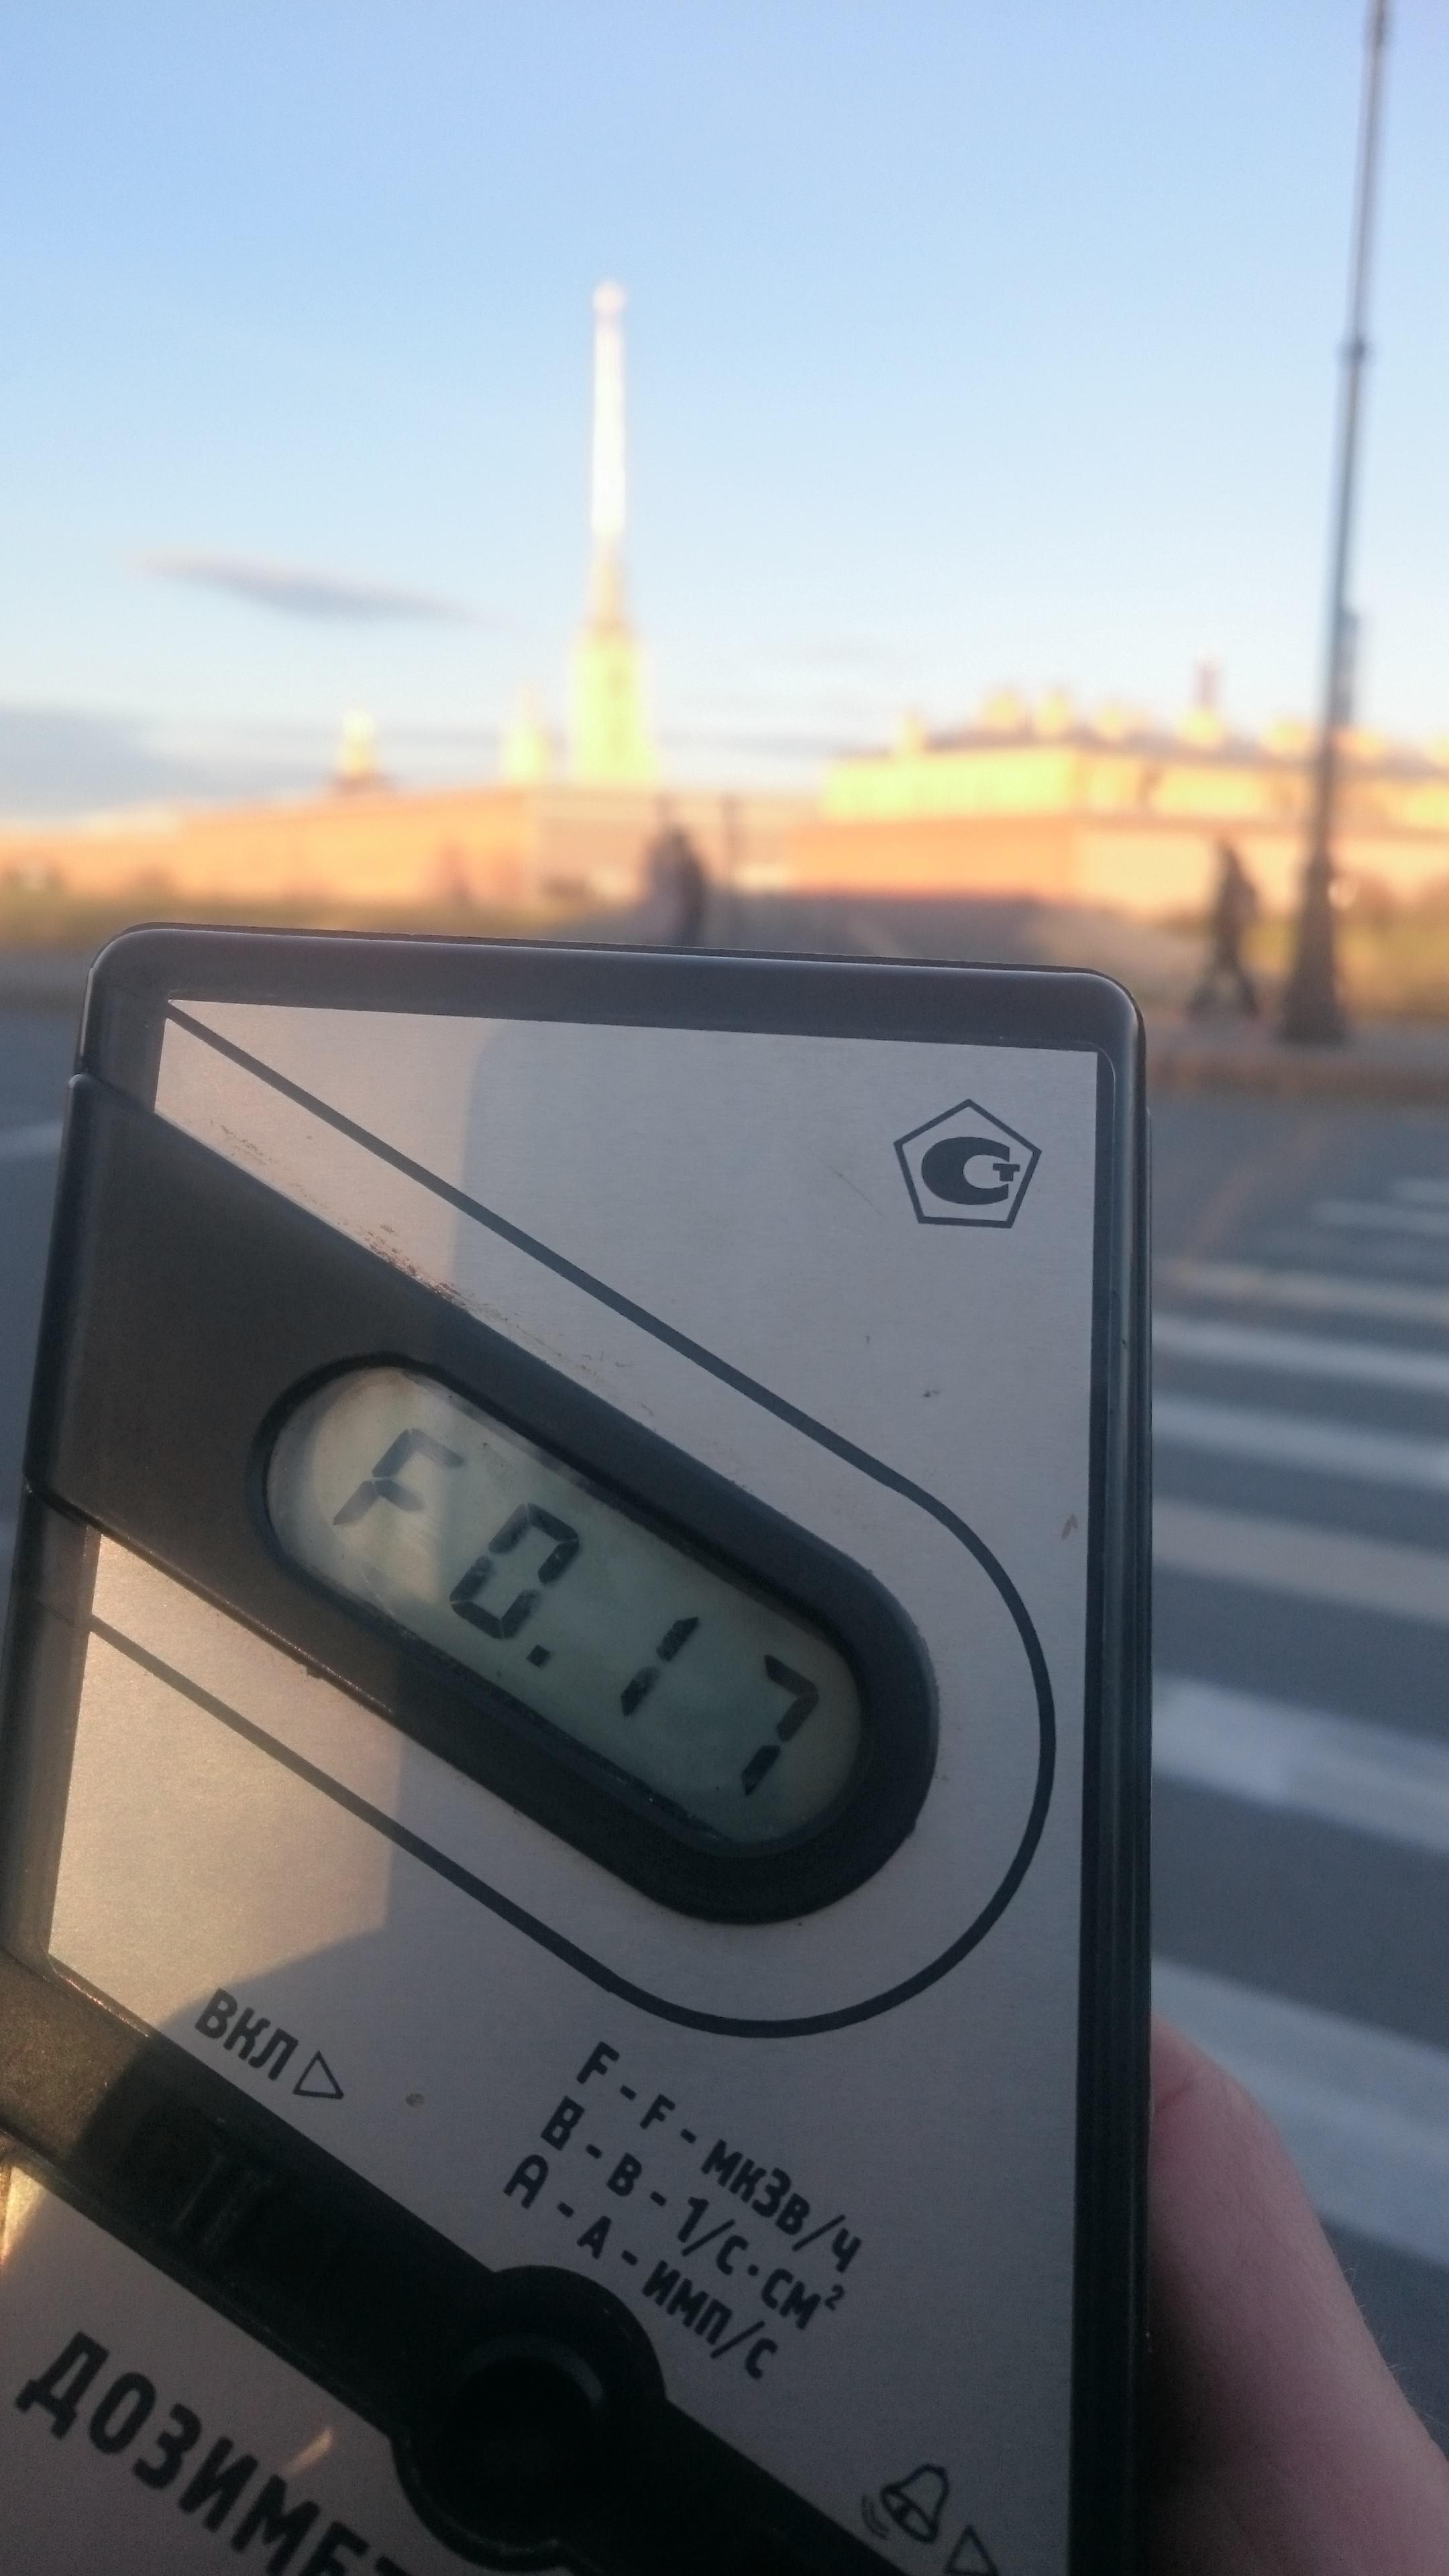 Точка измерения МЭД гамма-излучени на Кронверкской набережной  в Санкт-Петербурге